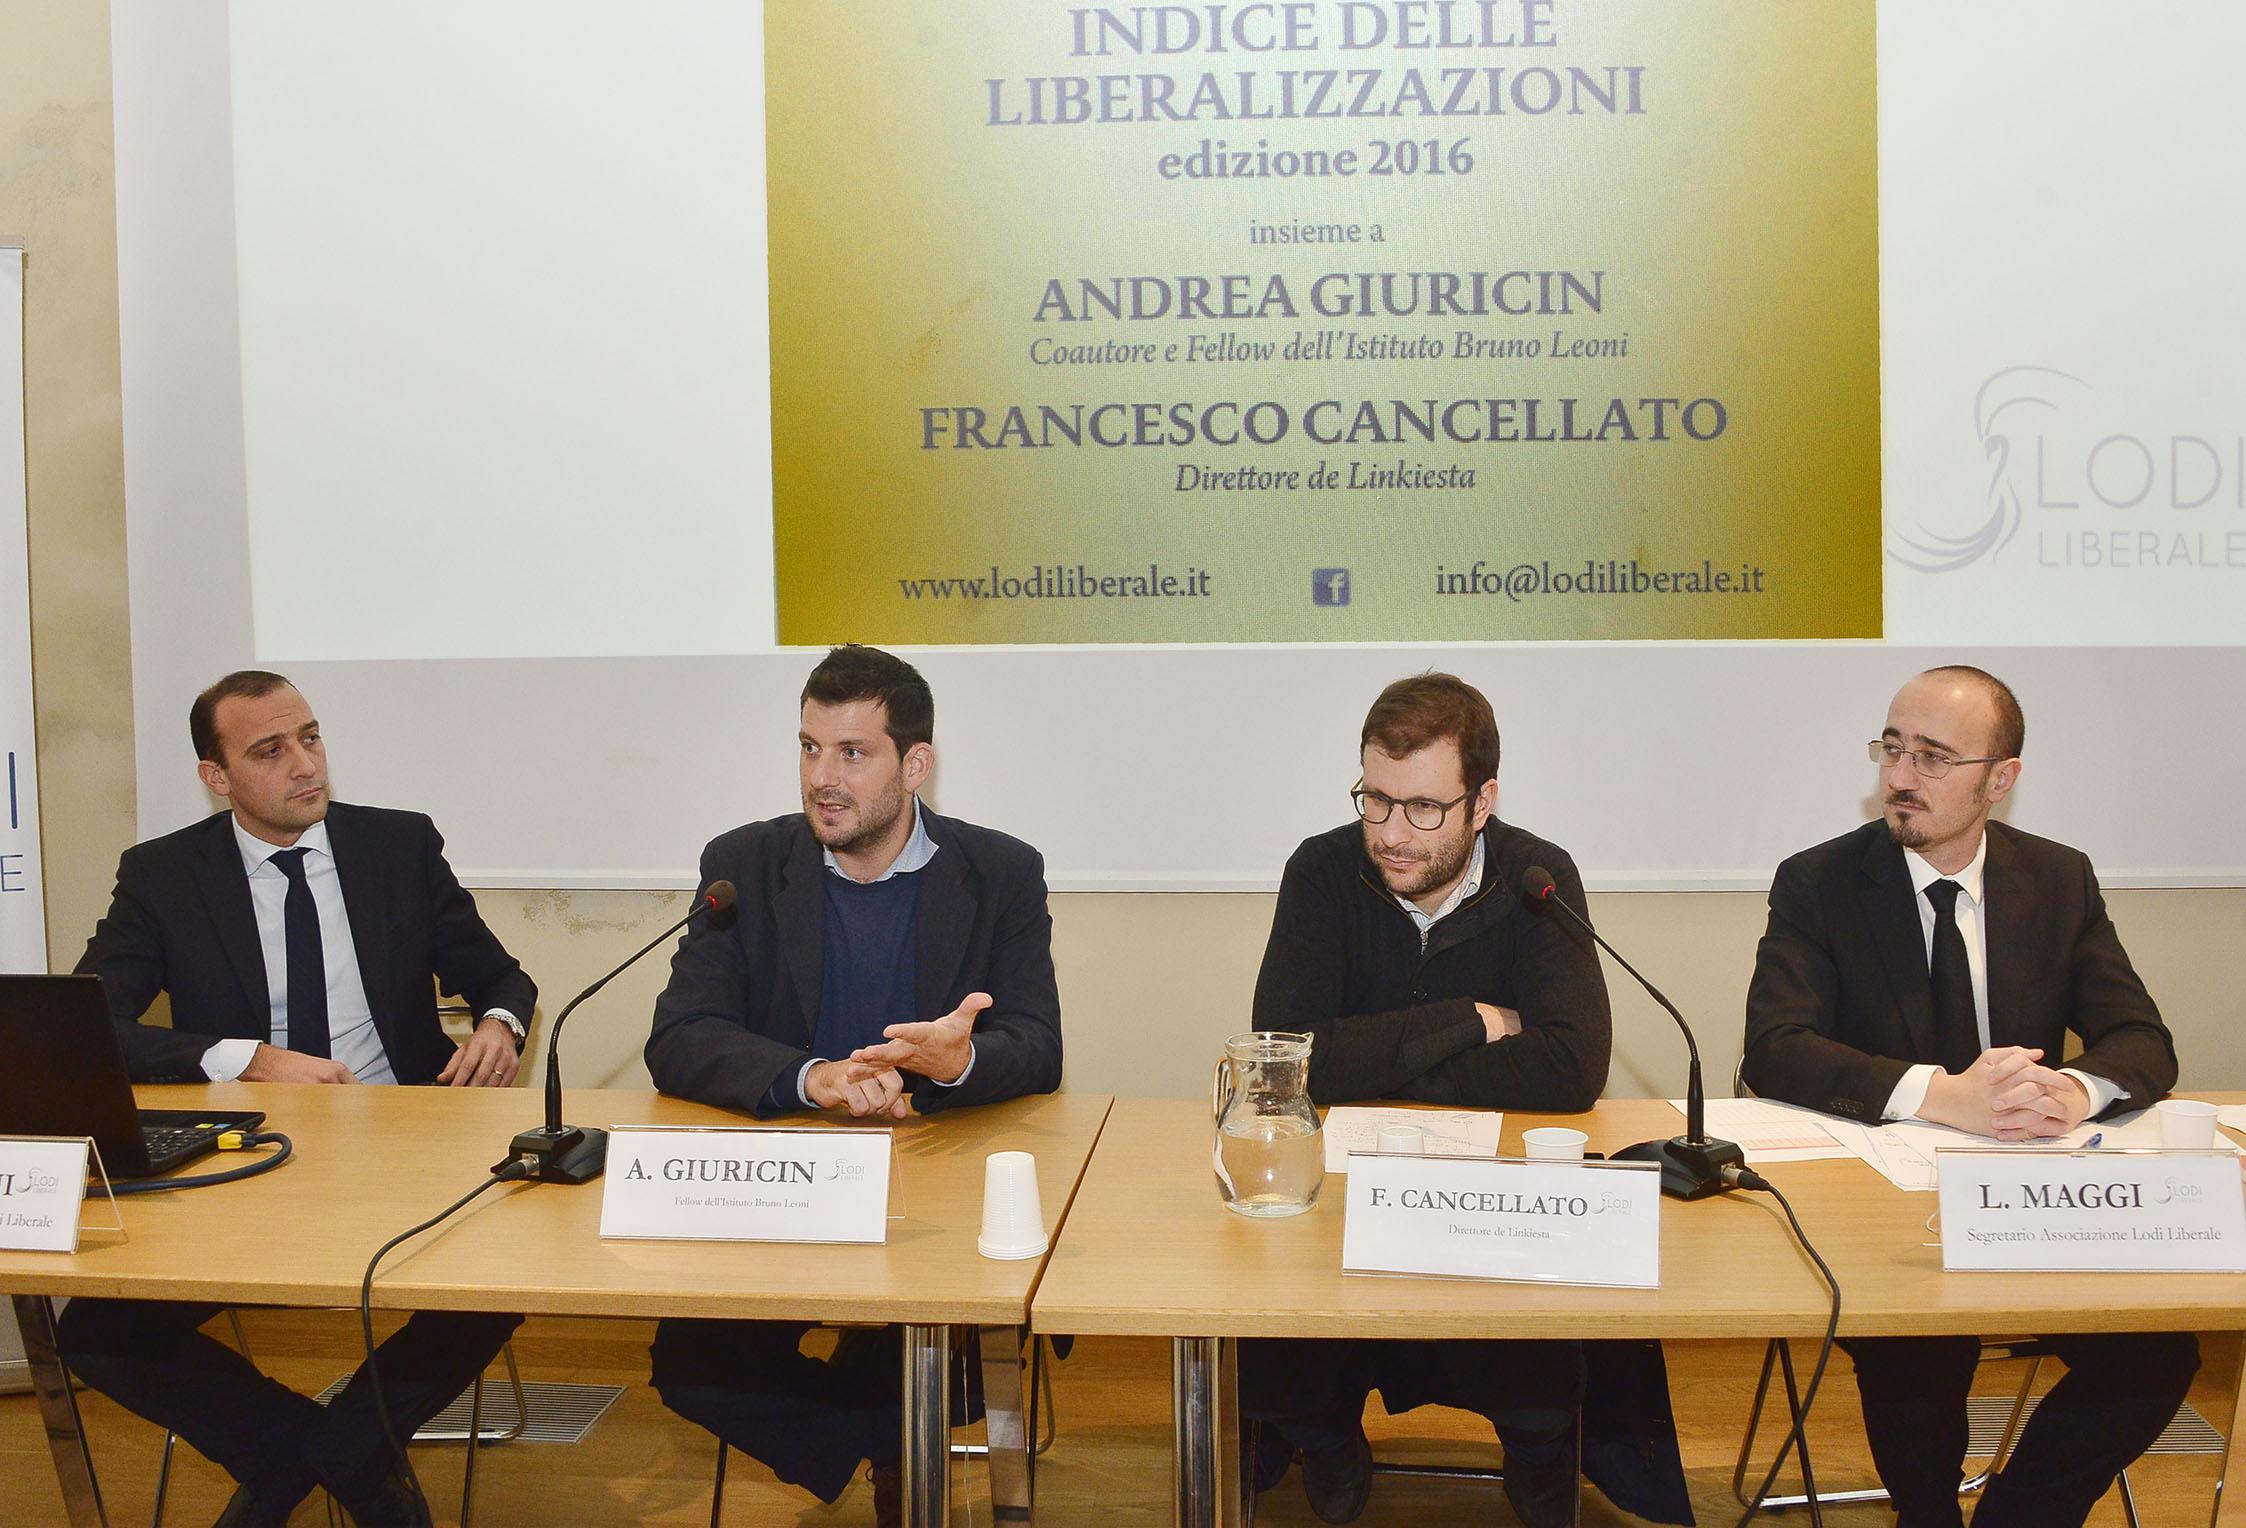 Associazione Lodi Liberale - Presentazione dell'Indice delle liberalizzazioni 2016 Giuricin, Cancellato, Maggi Montini